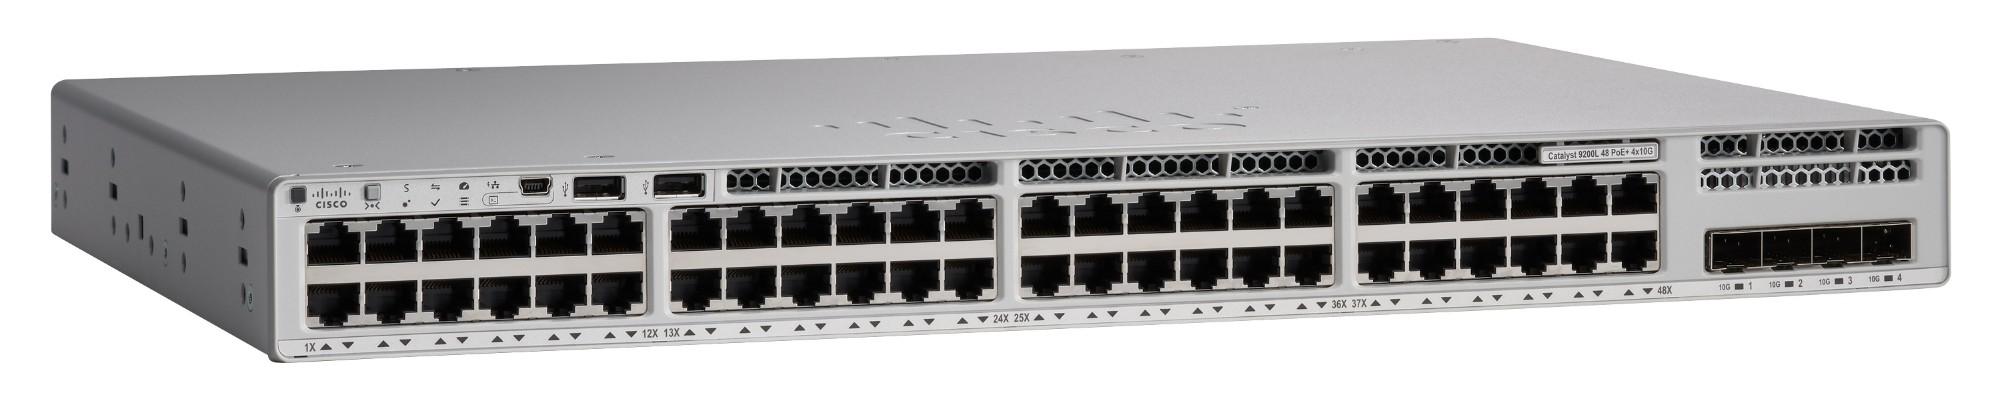 Cisco Catalyst 9200L Managed L3 Gigabit Ethernet (10/100/1000) Grey Power over Ethernet (PoE)